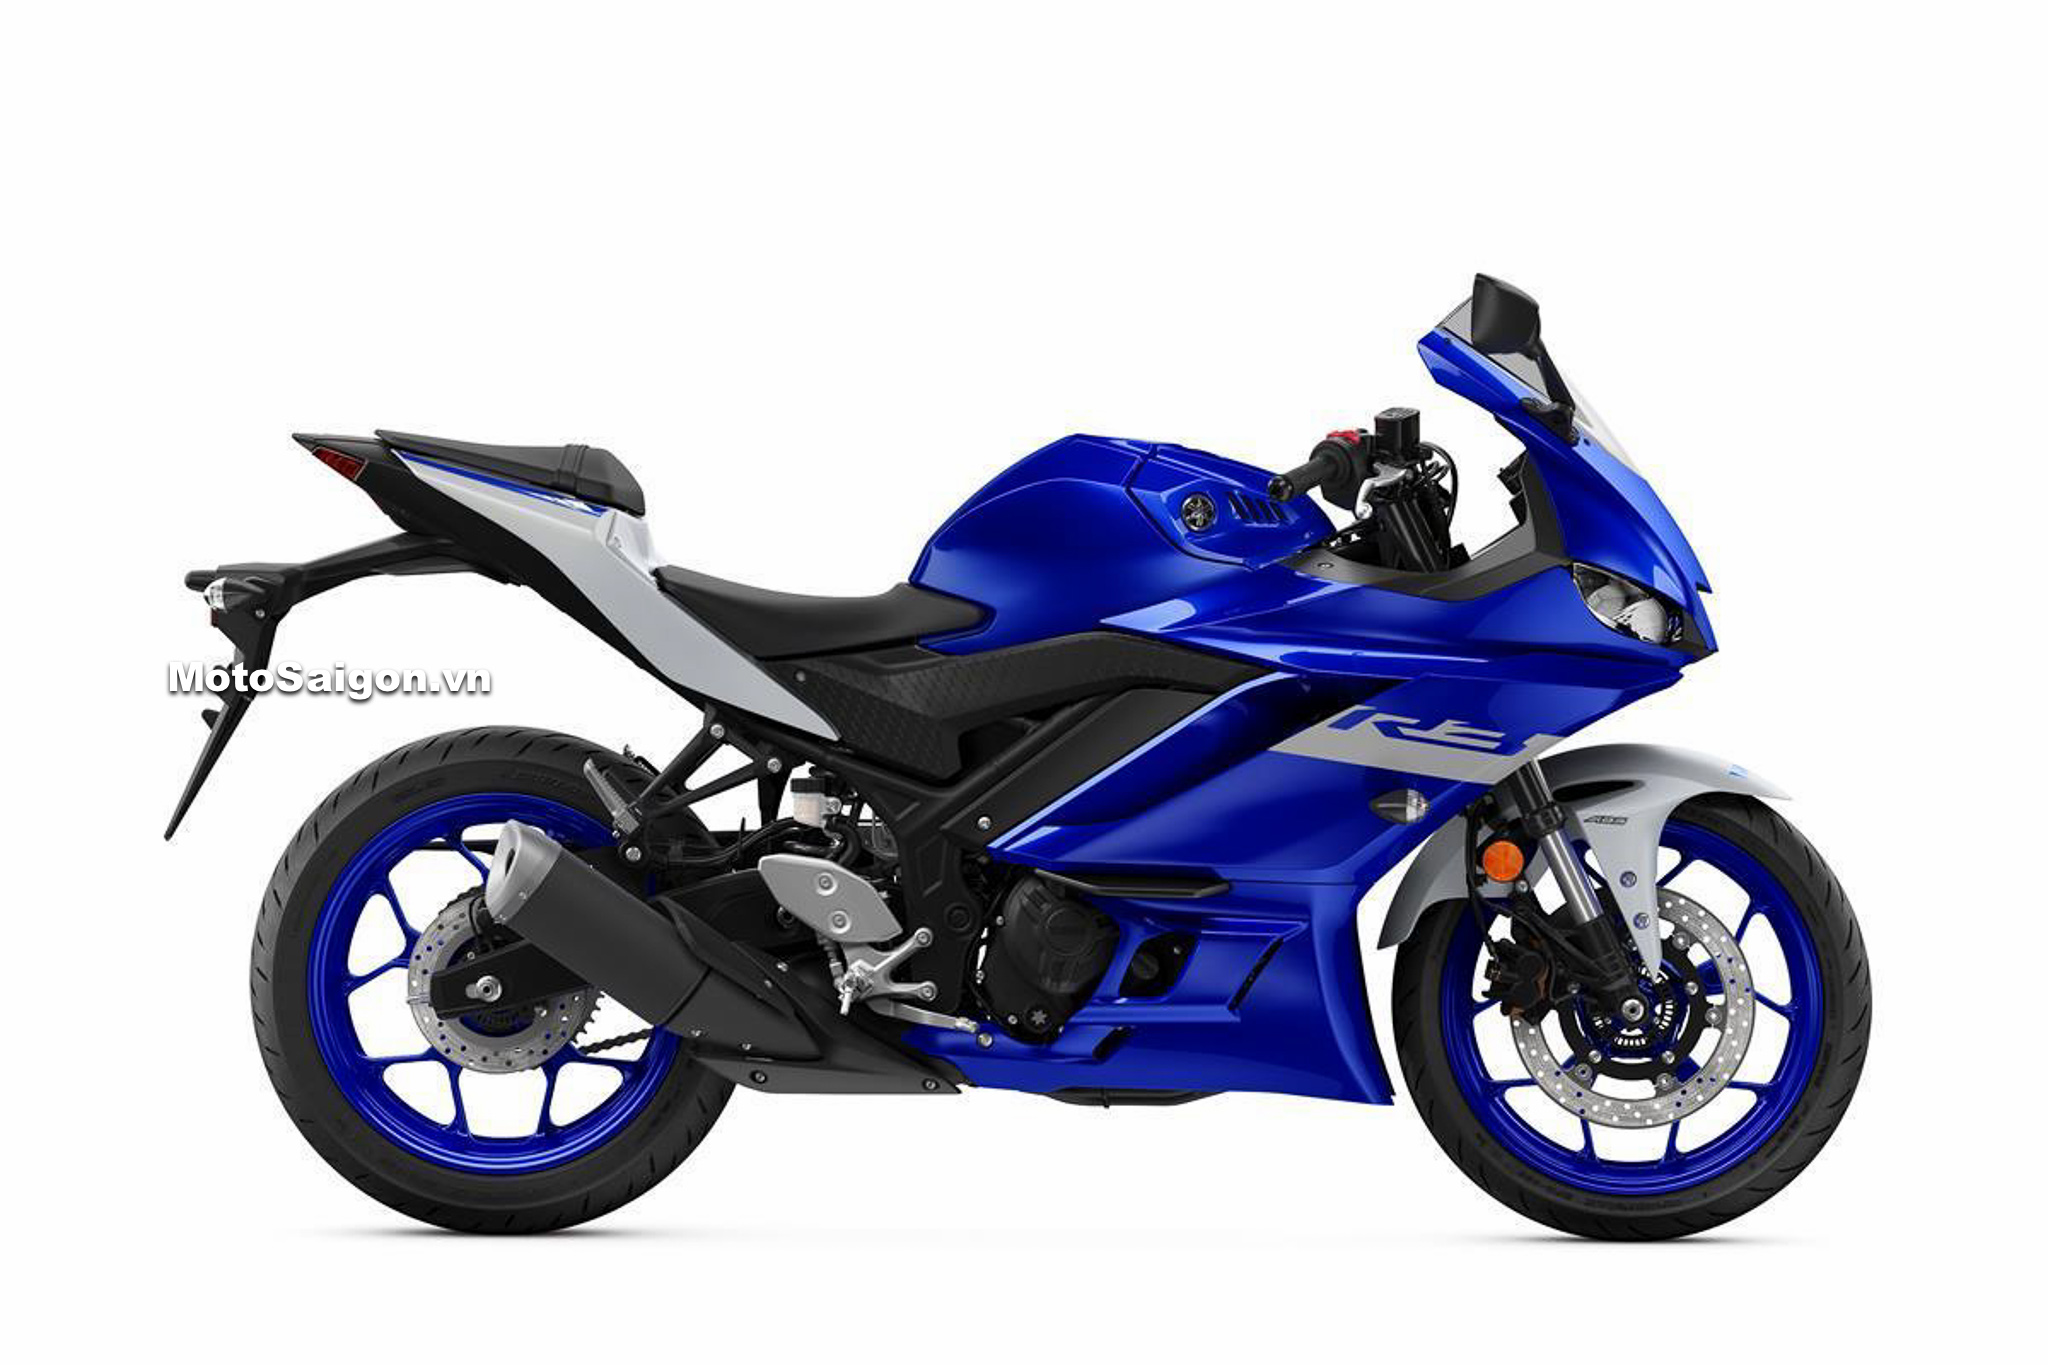 Yamaha R3 2020 bất ngờ ra mắt giá bán không đổi